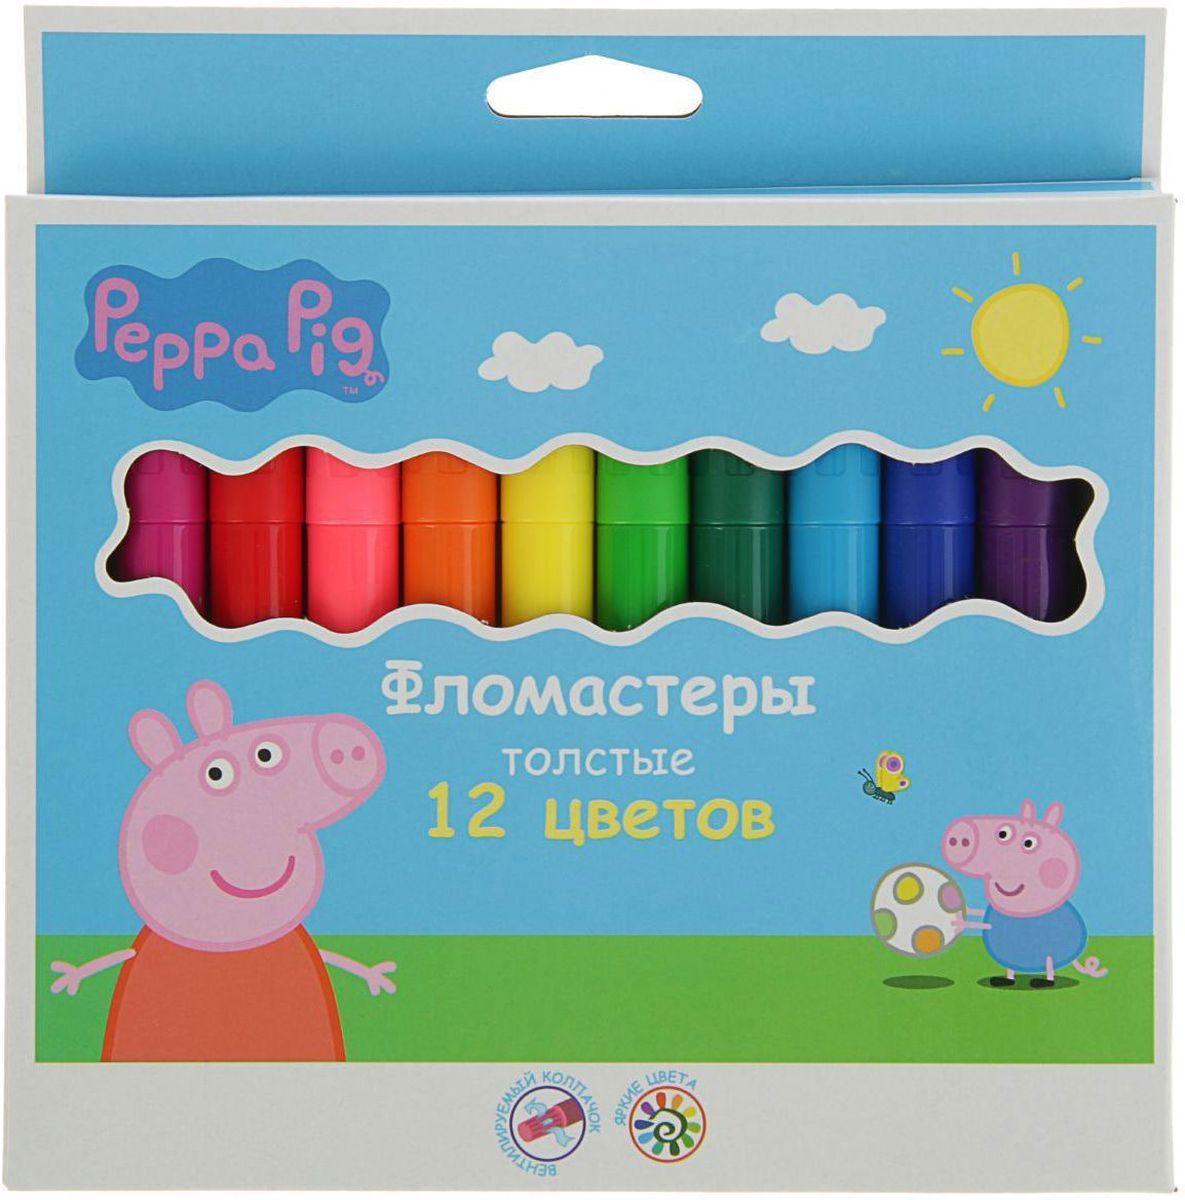 Peppa Pig Набор толстых фломастеров 12 цветов -  Фломастеры